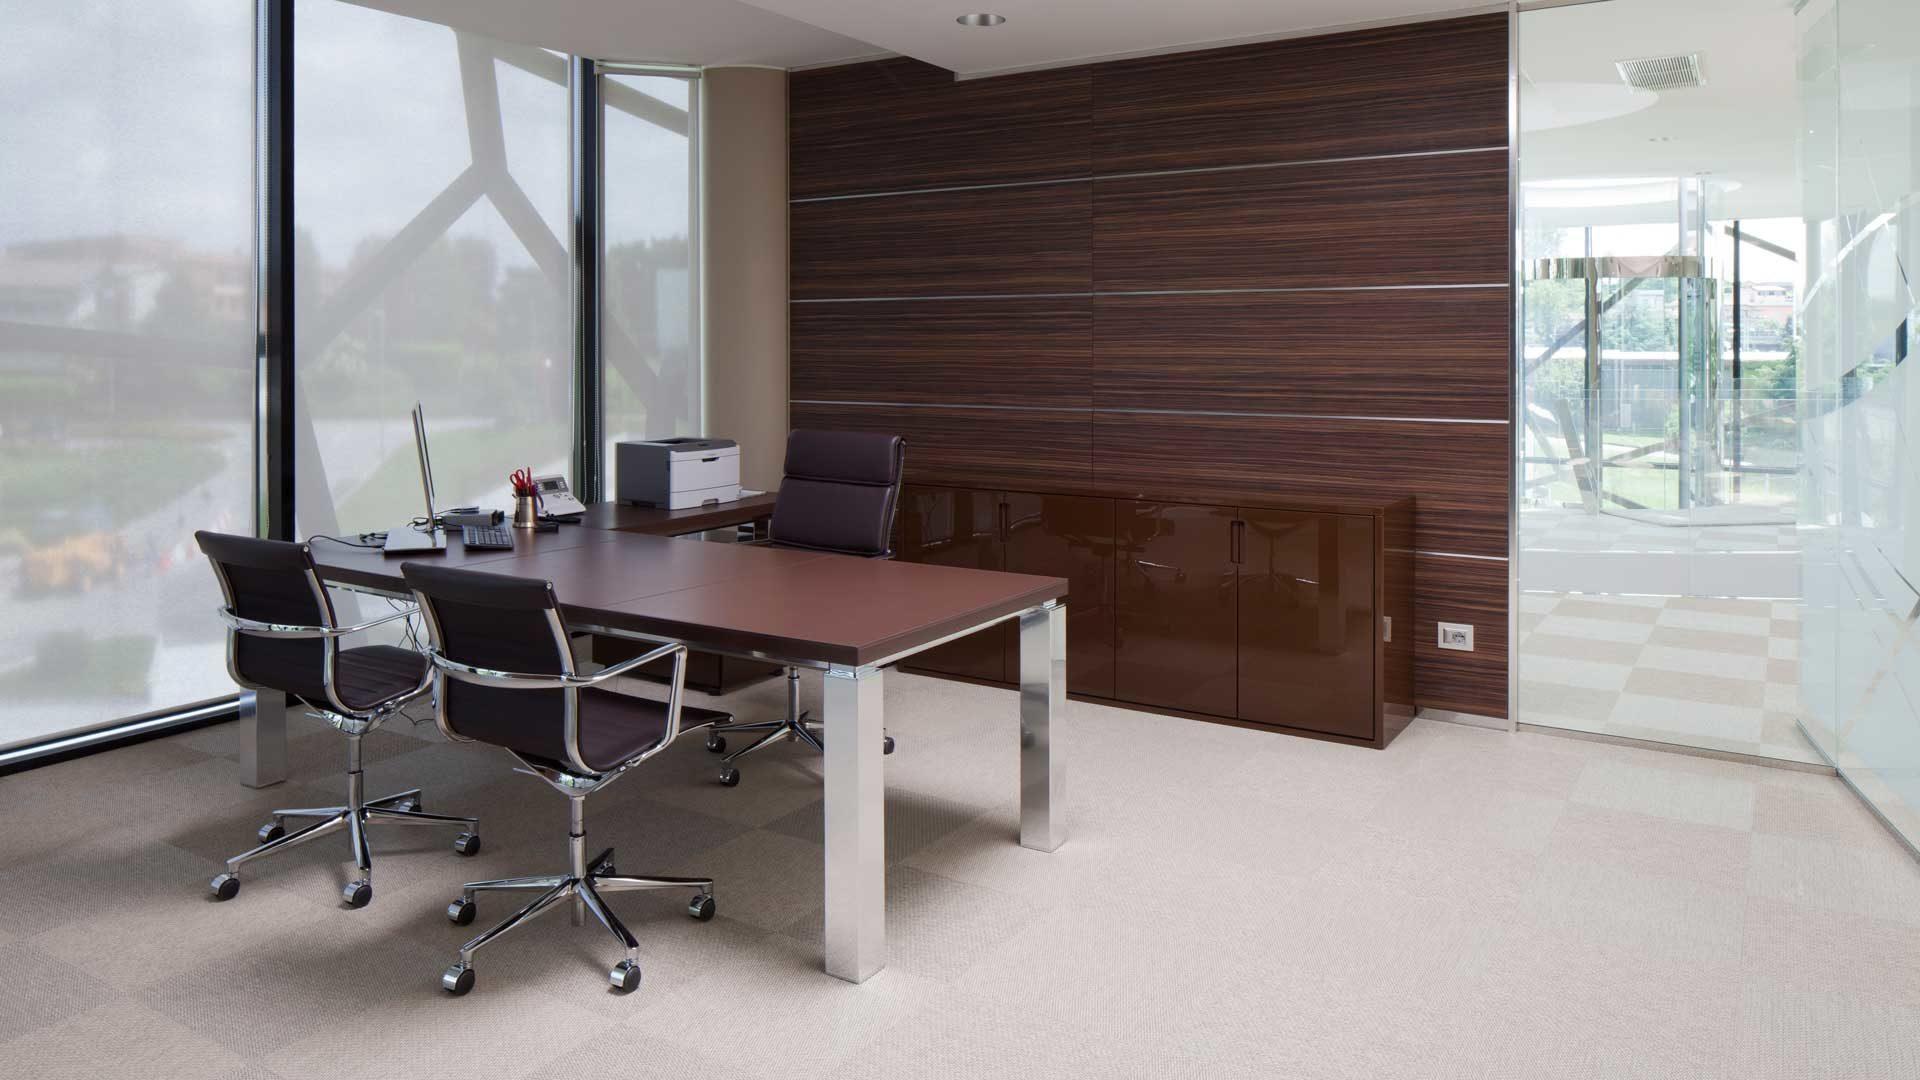 Lo Space Senza Pareti pareti divisorie per ufficio, perchè usare high line | level